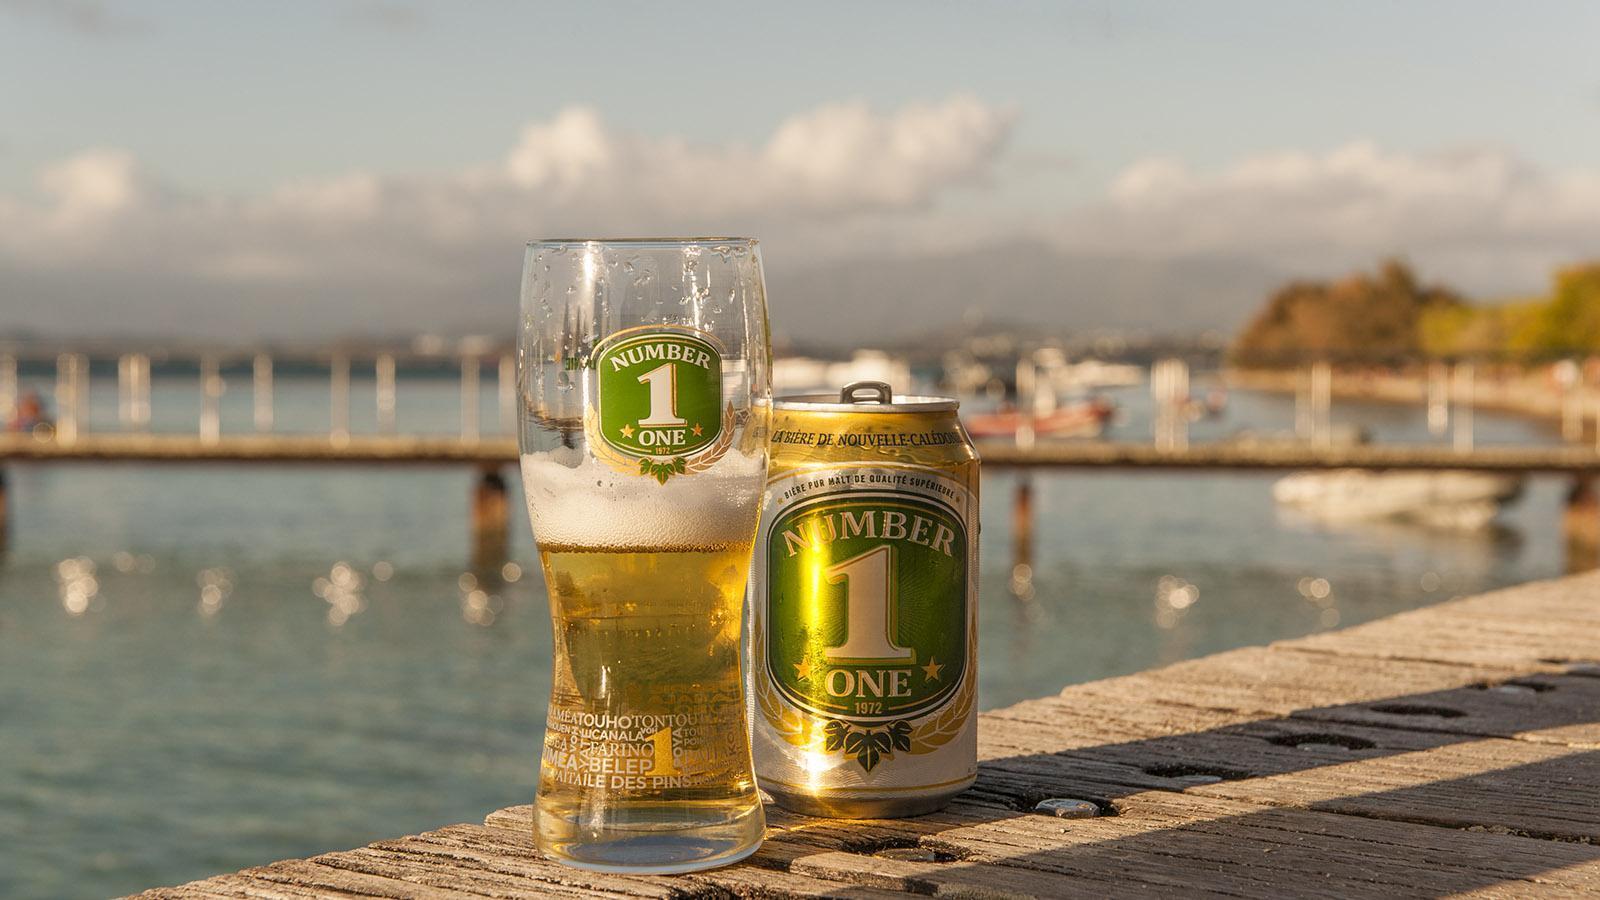 Îlot Maître: In Neukaledonien gebraut: Nummer-One-Bier – gibt es auch als Mojito-Variante! Foto: Hilke Maunder